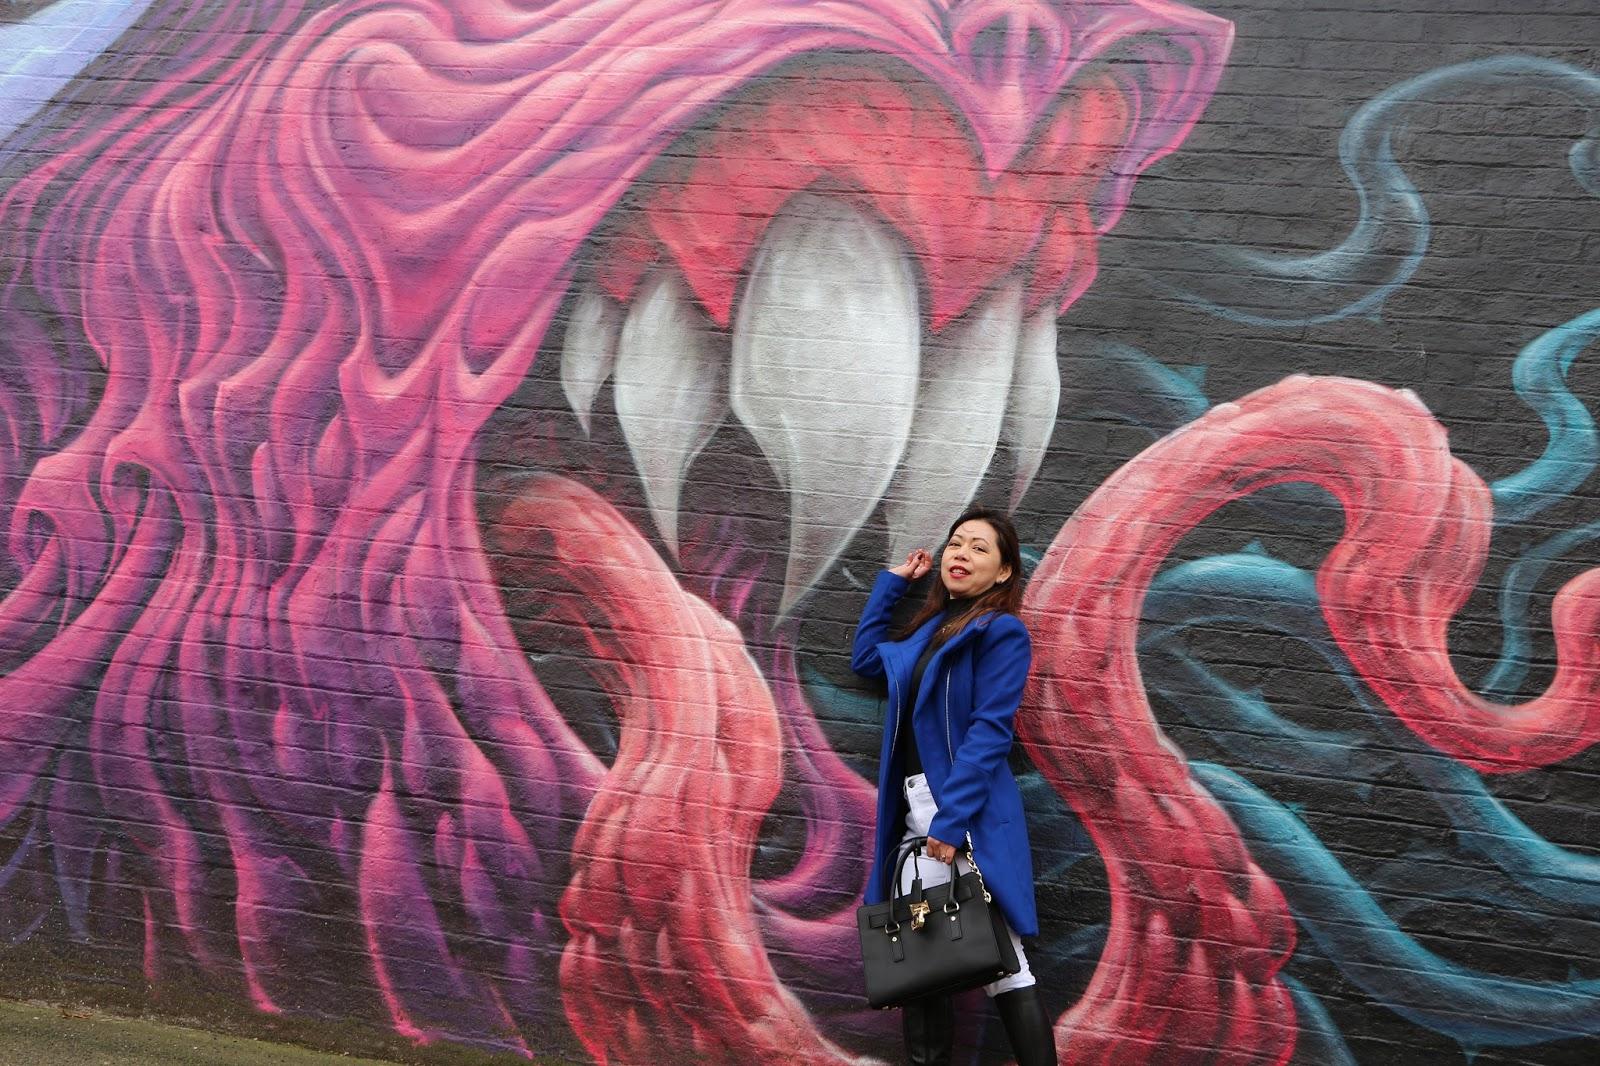 Brunswick Graffiti